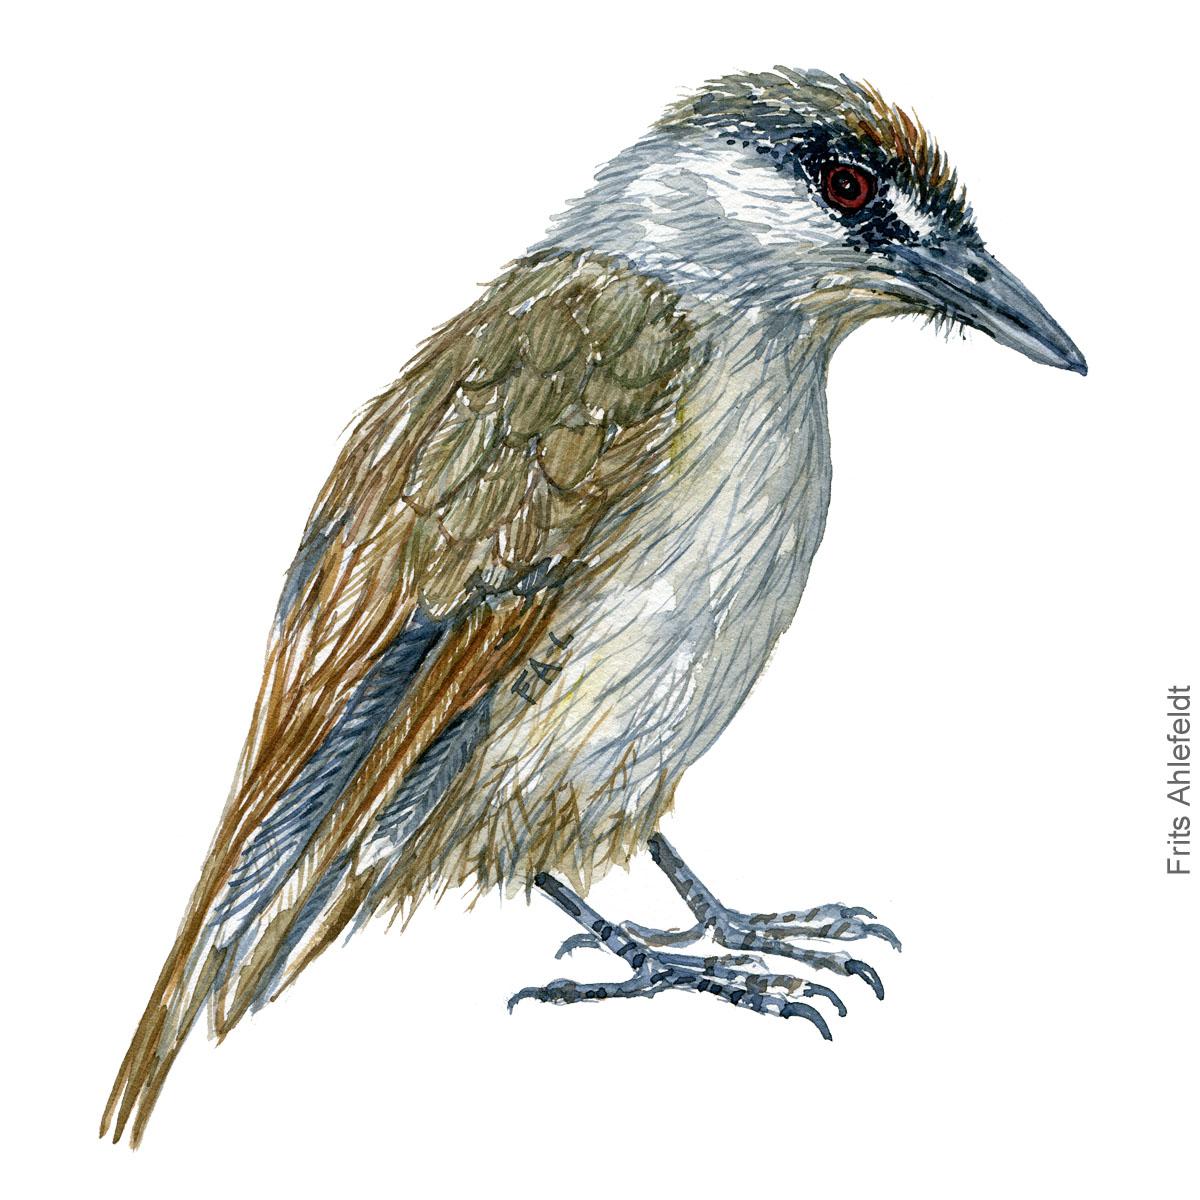 Black browed babbler- watercolor illustration. Painting by Frits Ahlefeldt - Fugle akvarel tegning